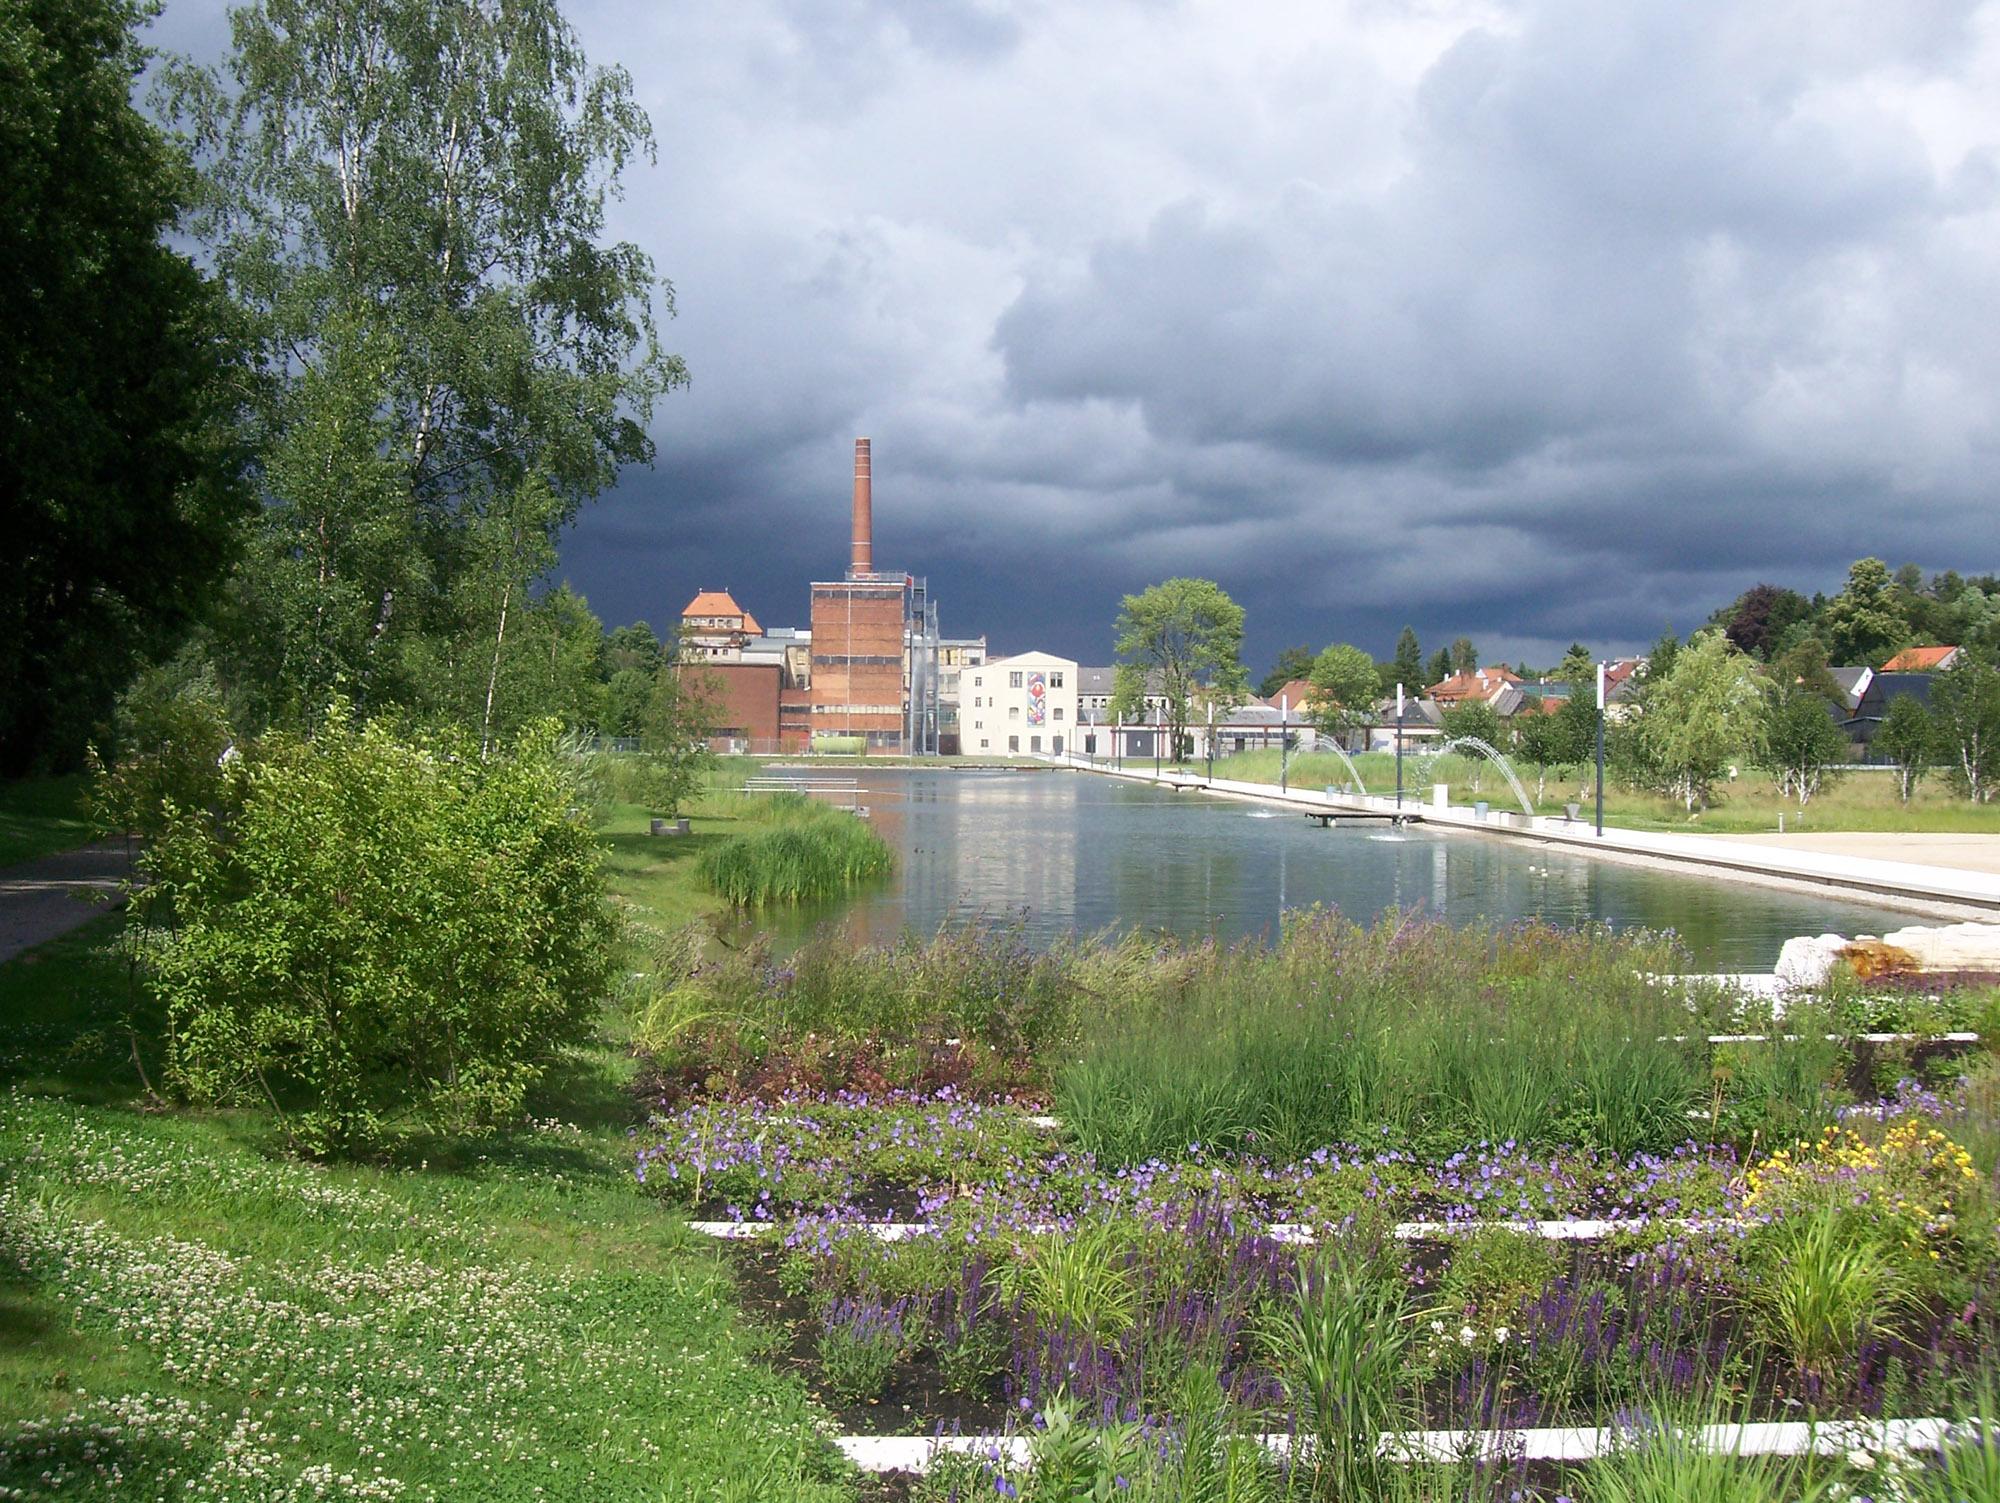 Markredewitz Sturm